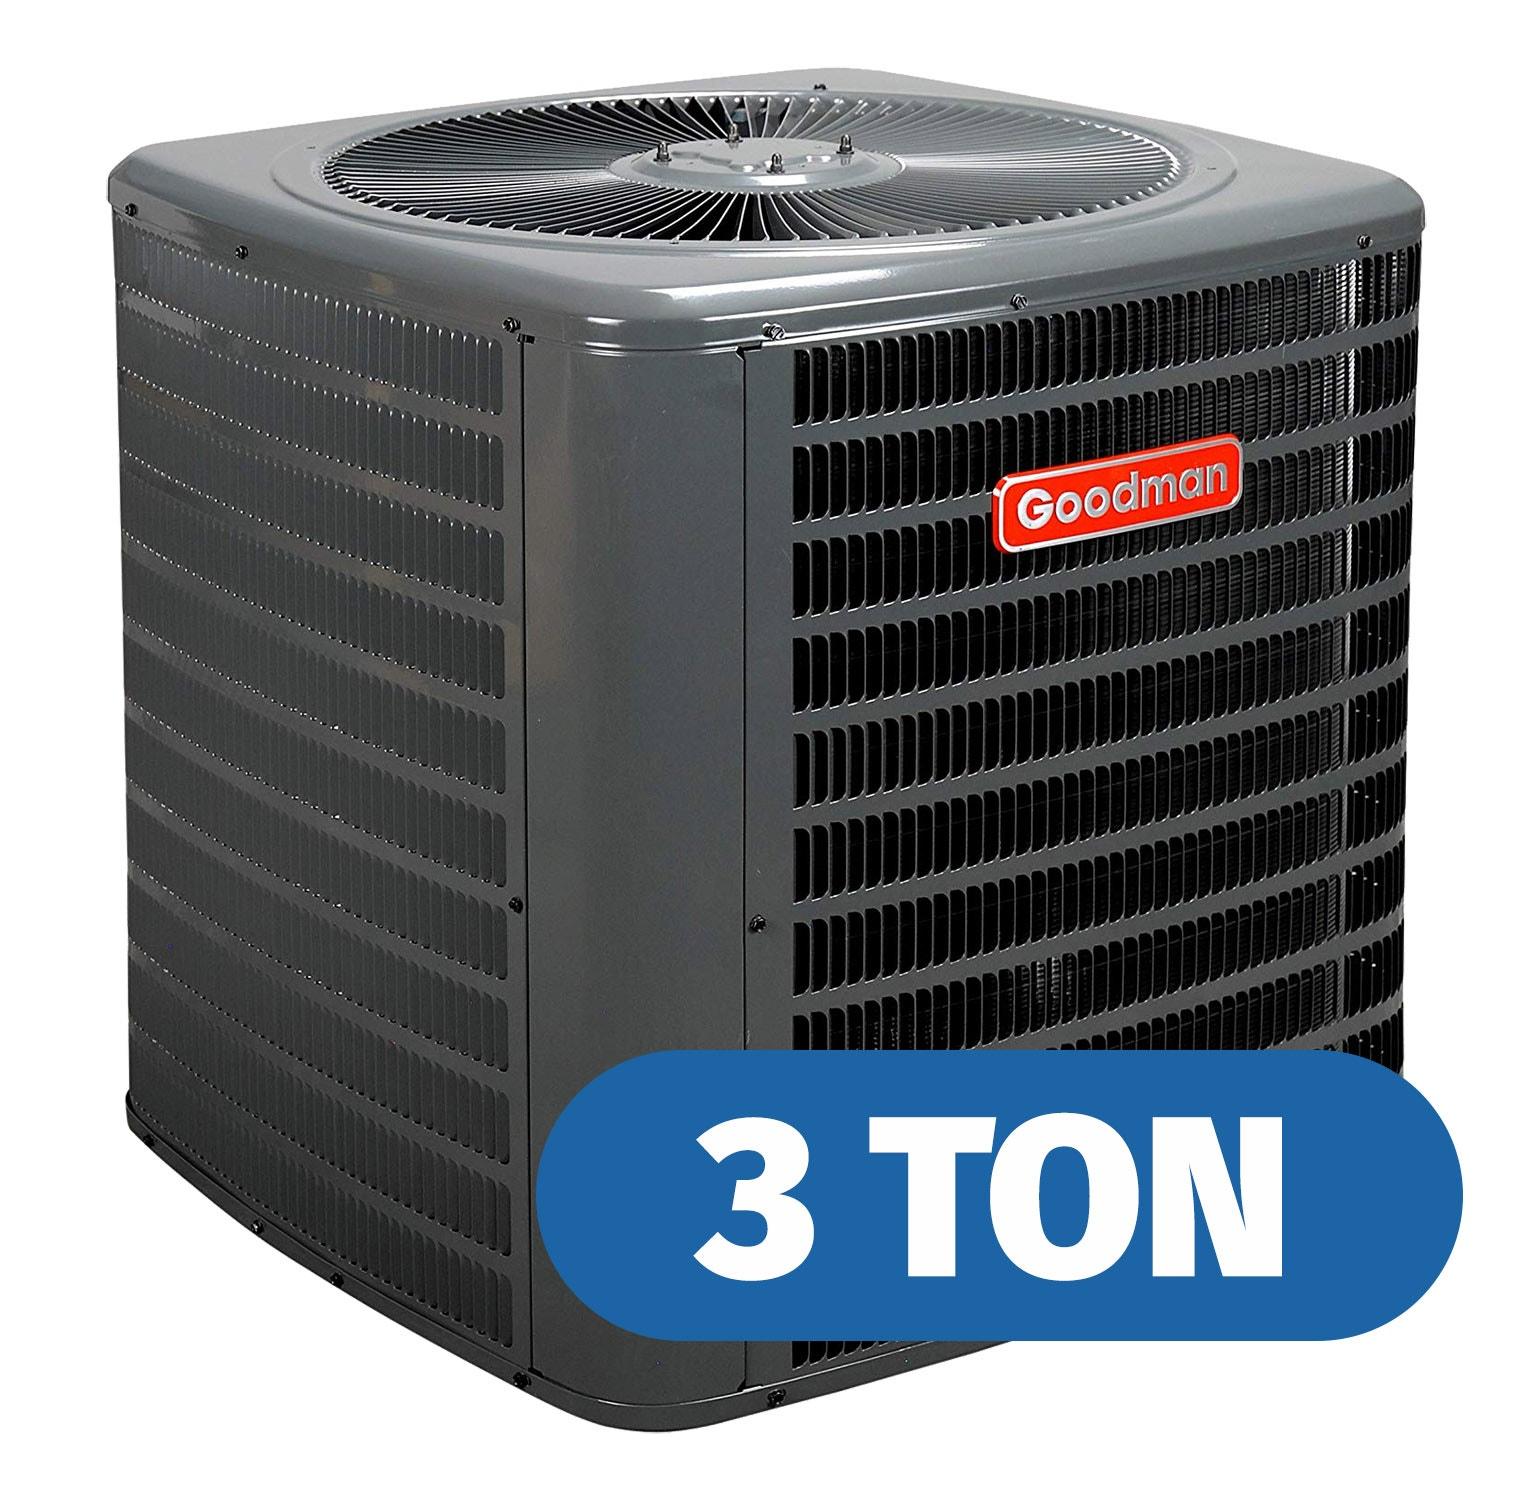 3 Ton Heat Pumps